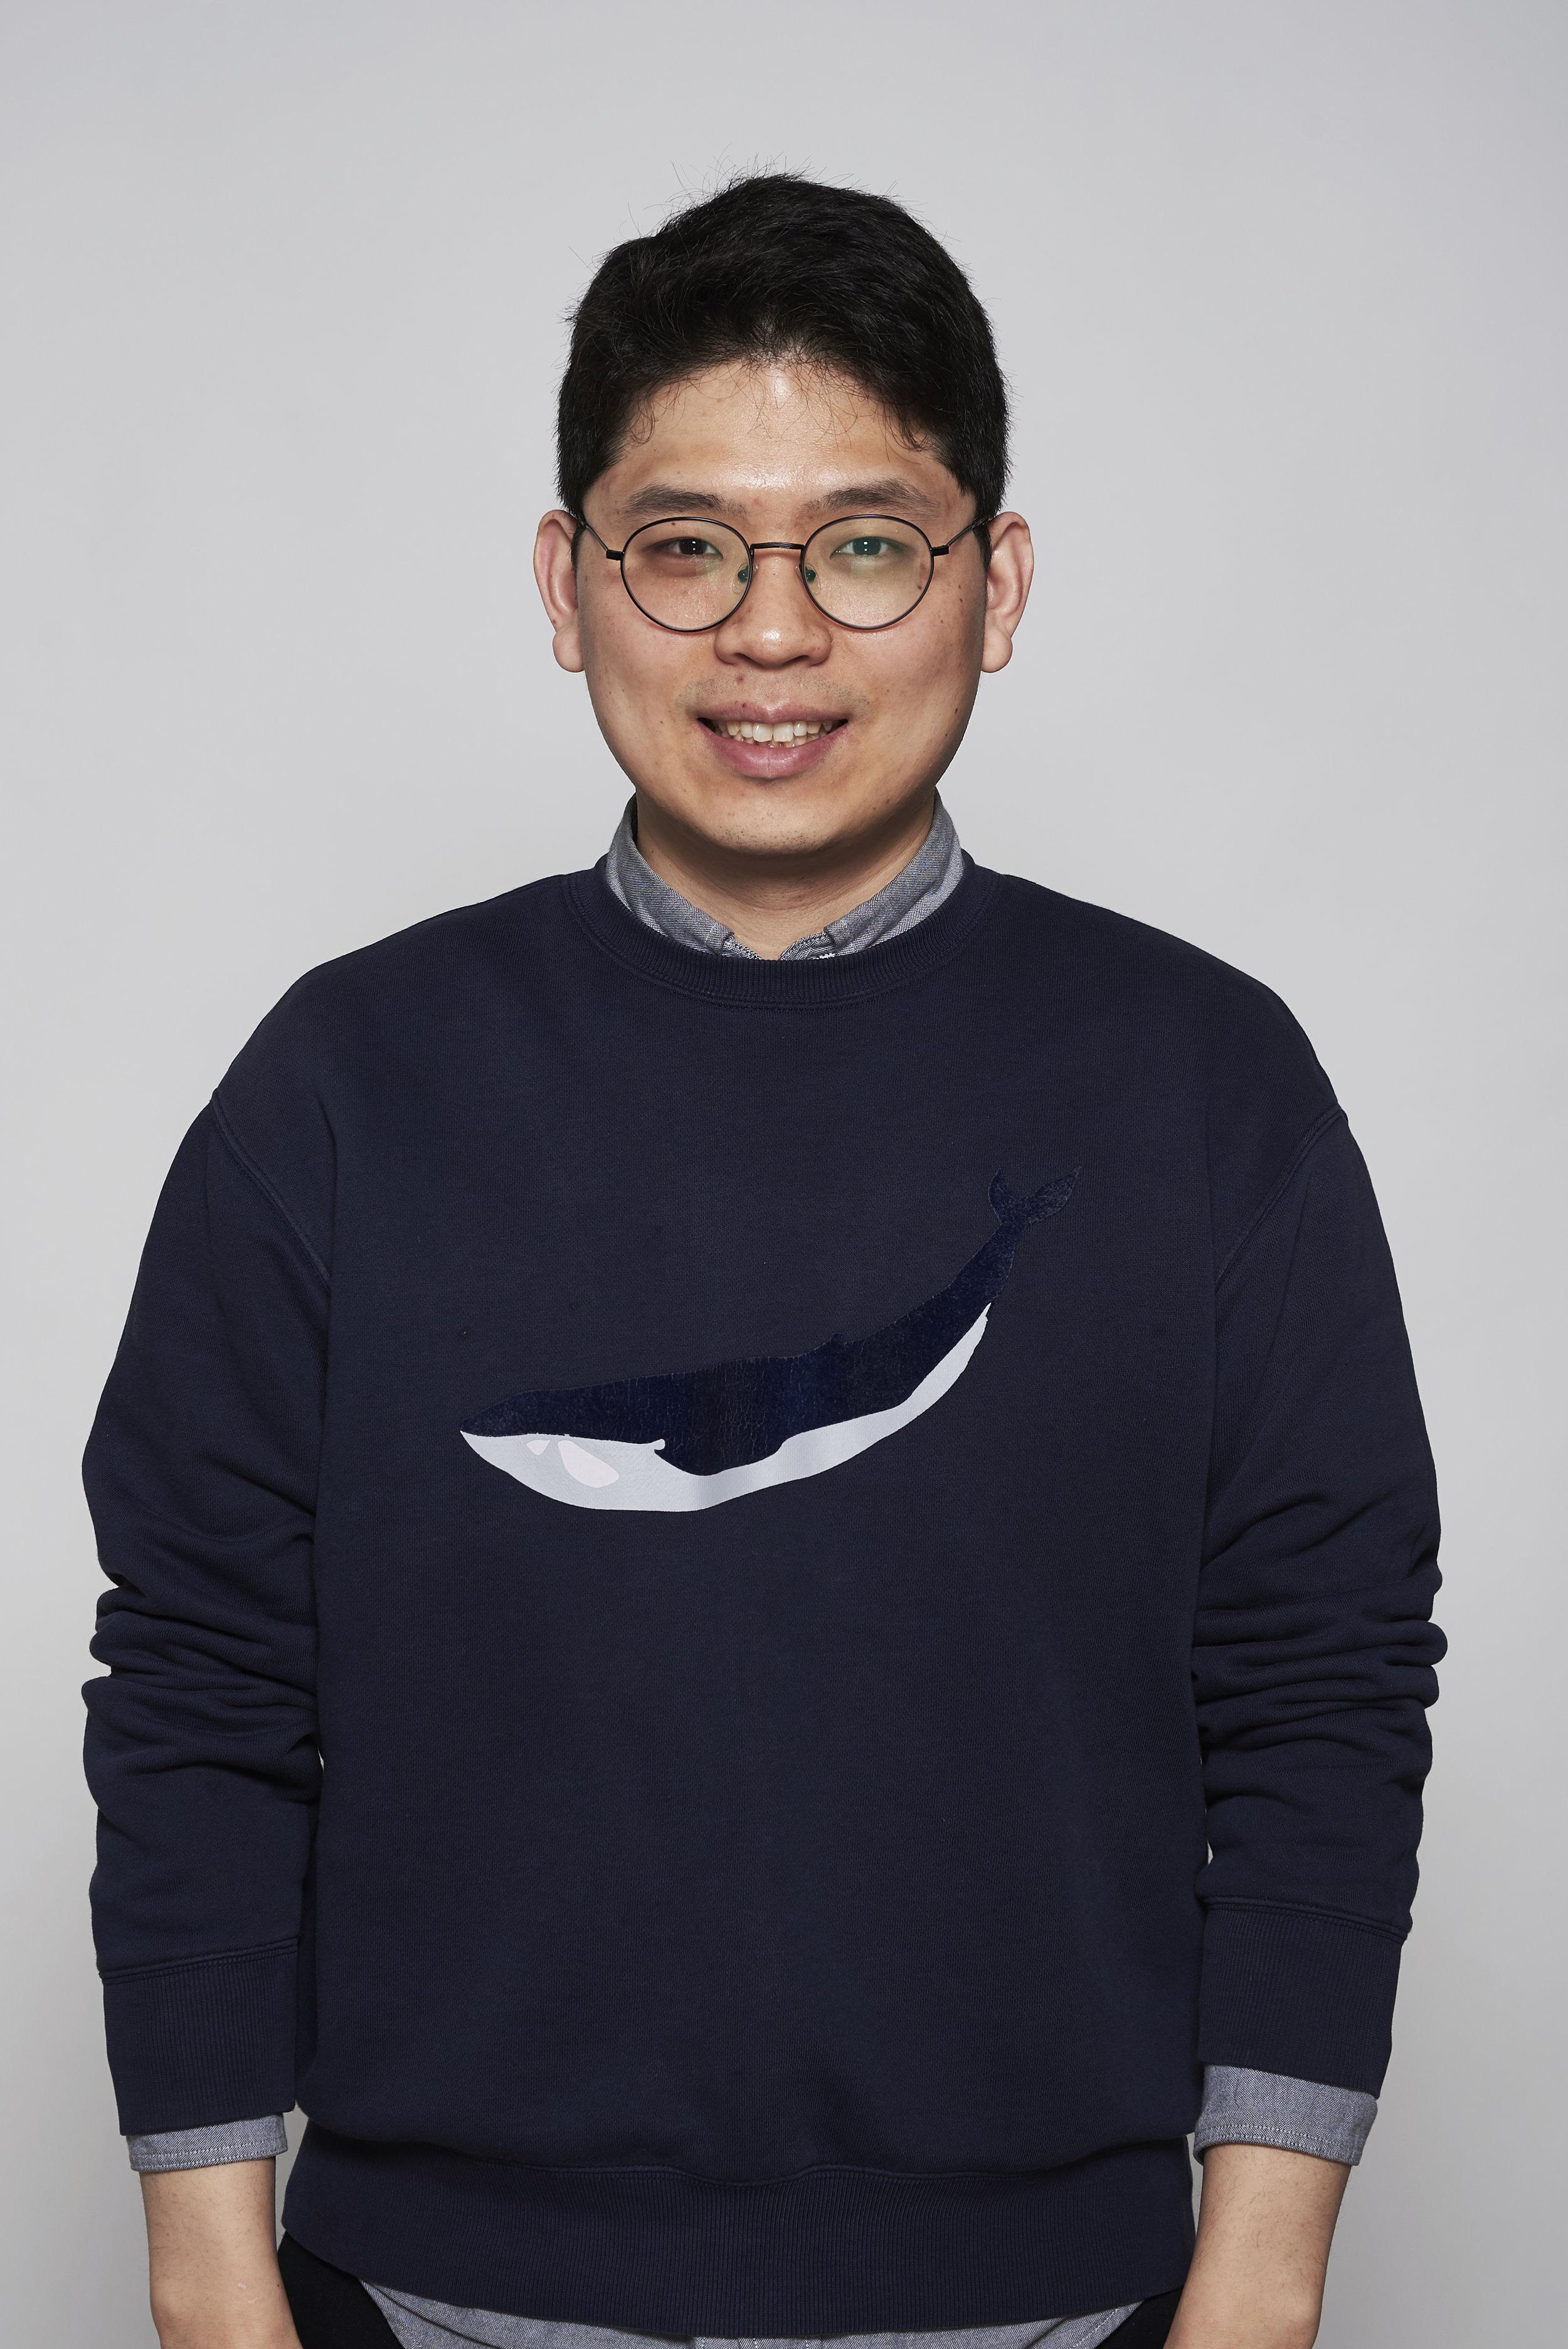 Copy of <strong>Jinjae Lee</strong><br>Interaction Designer<br>jinjae@above.se<br>